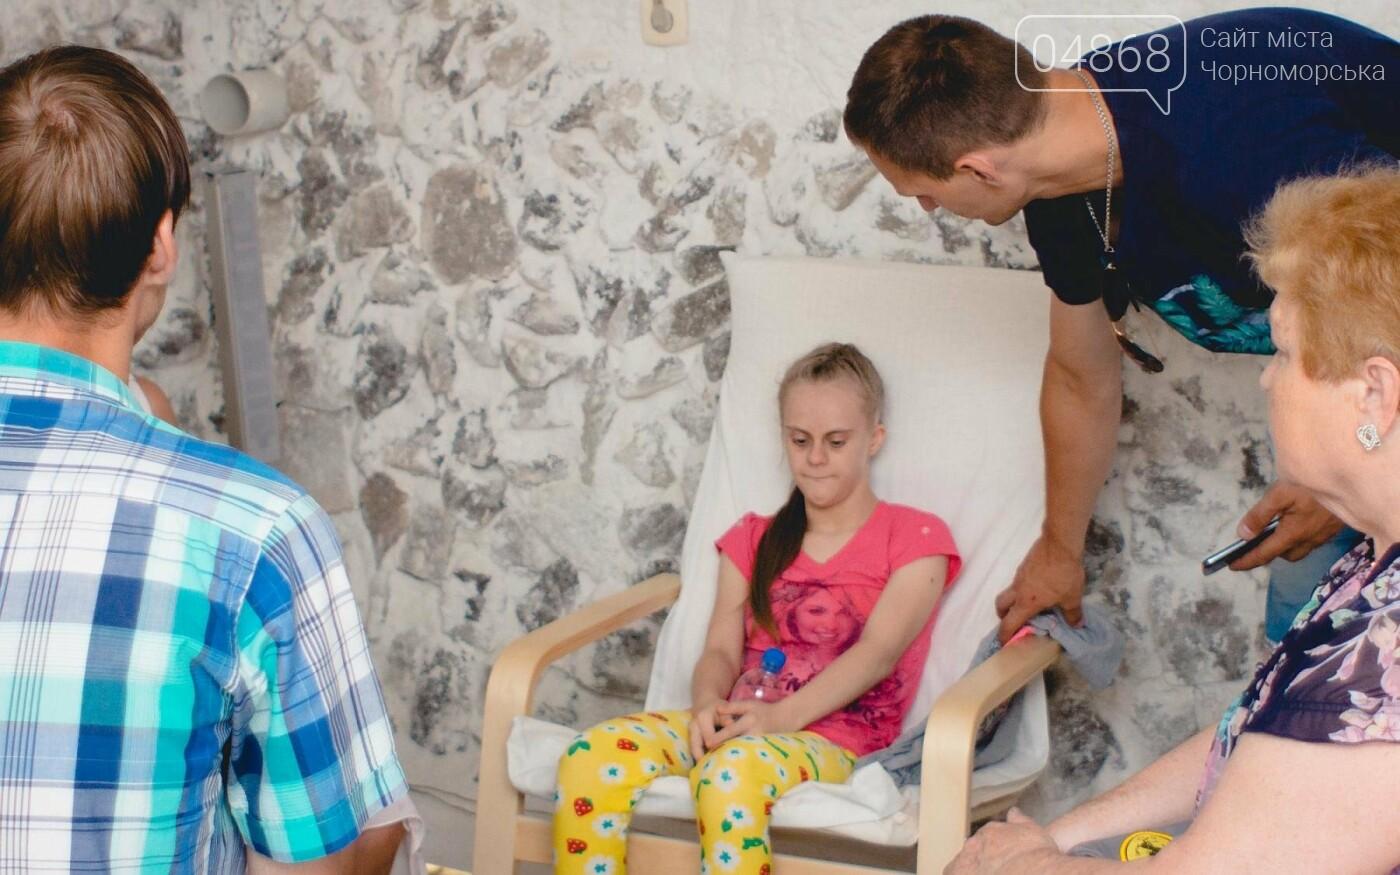 Воспитанники «Радуги» посетили соляную комнату в Черноморске, фото-5